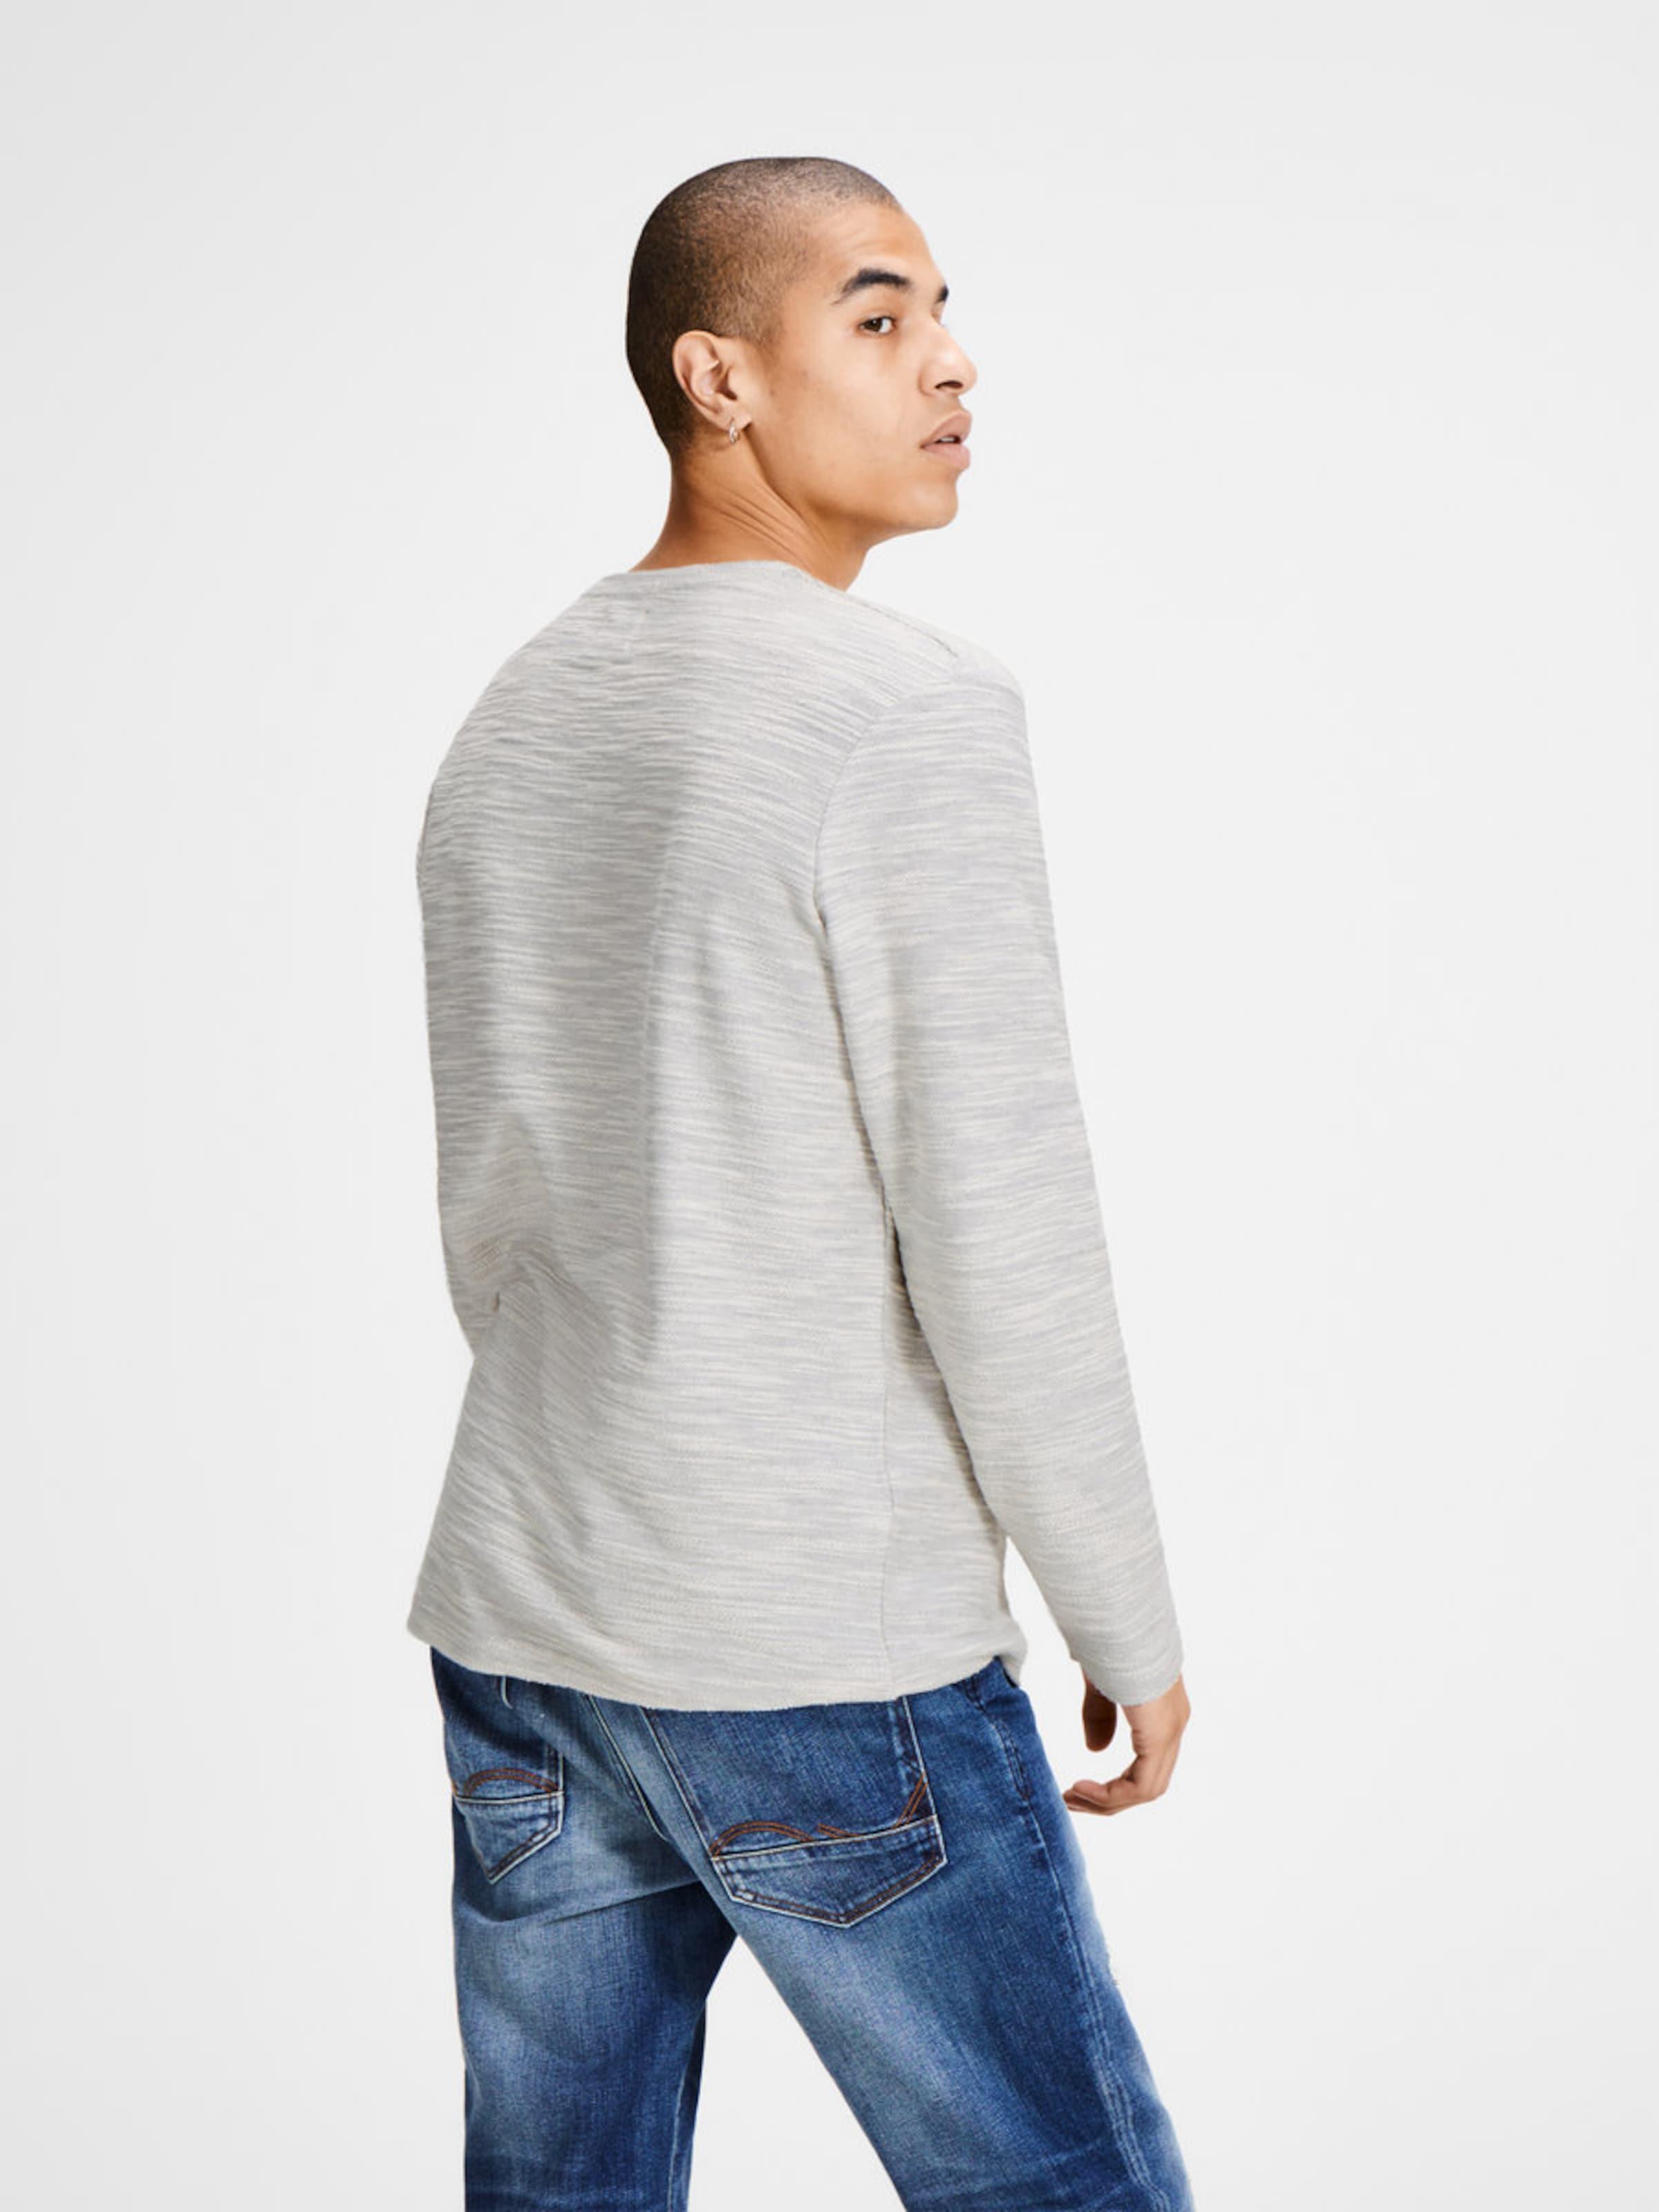 JACK & JONES Lässiges Sweatshirt Qualitativ Hochwertige Online-Verkauf Online Kaufen Angebote Online-Verkauf vFFPteW